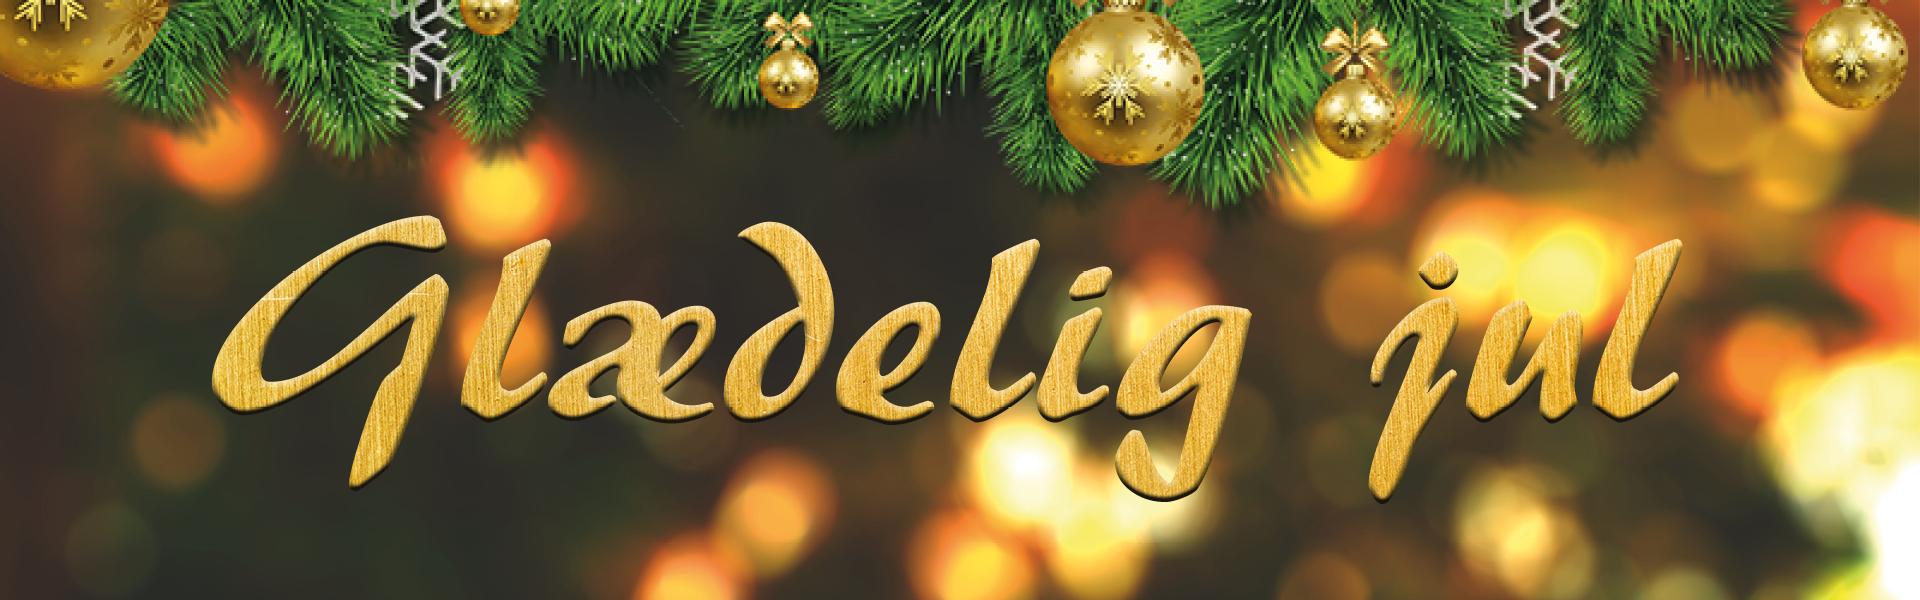 Glaedelig_Jul_Netbyggemarked